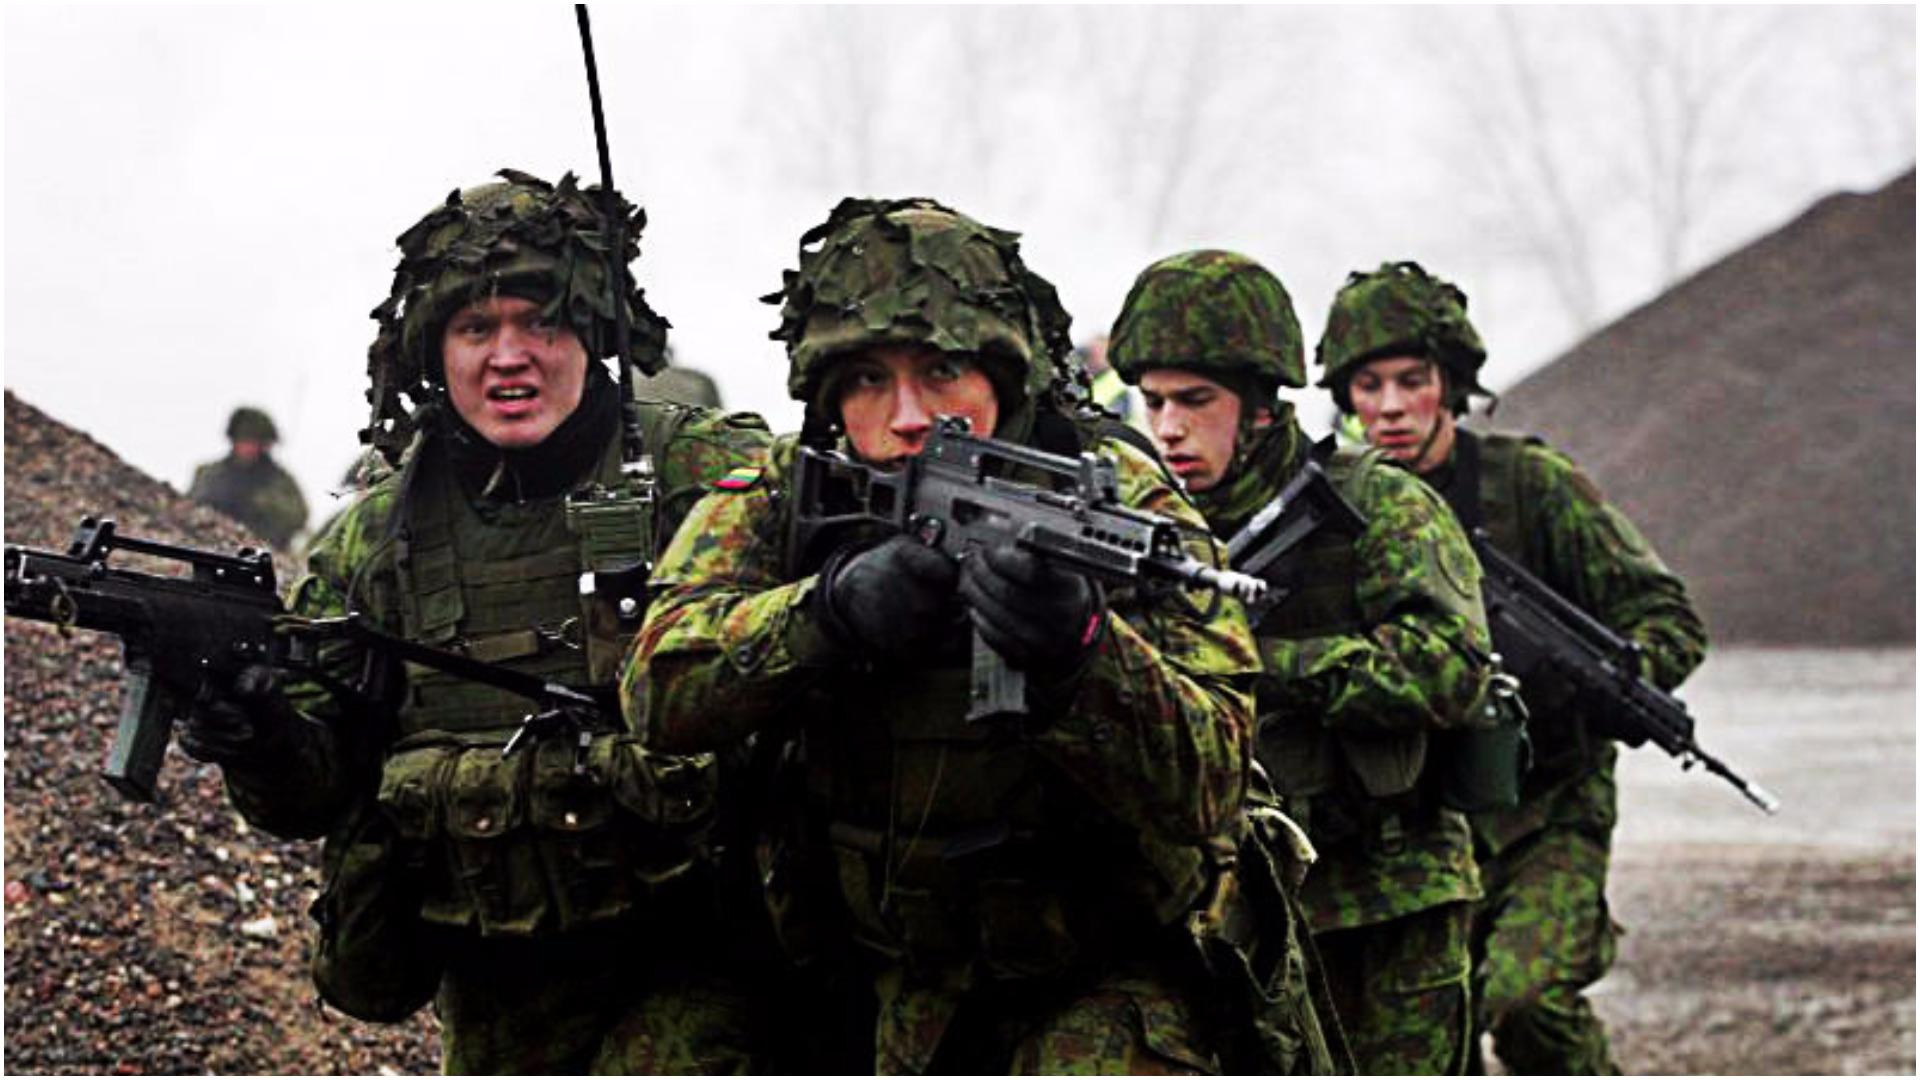 OGROMNE manewry wojskowe na Litwie. Uczestniczą też Polacy